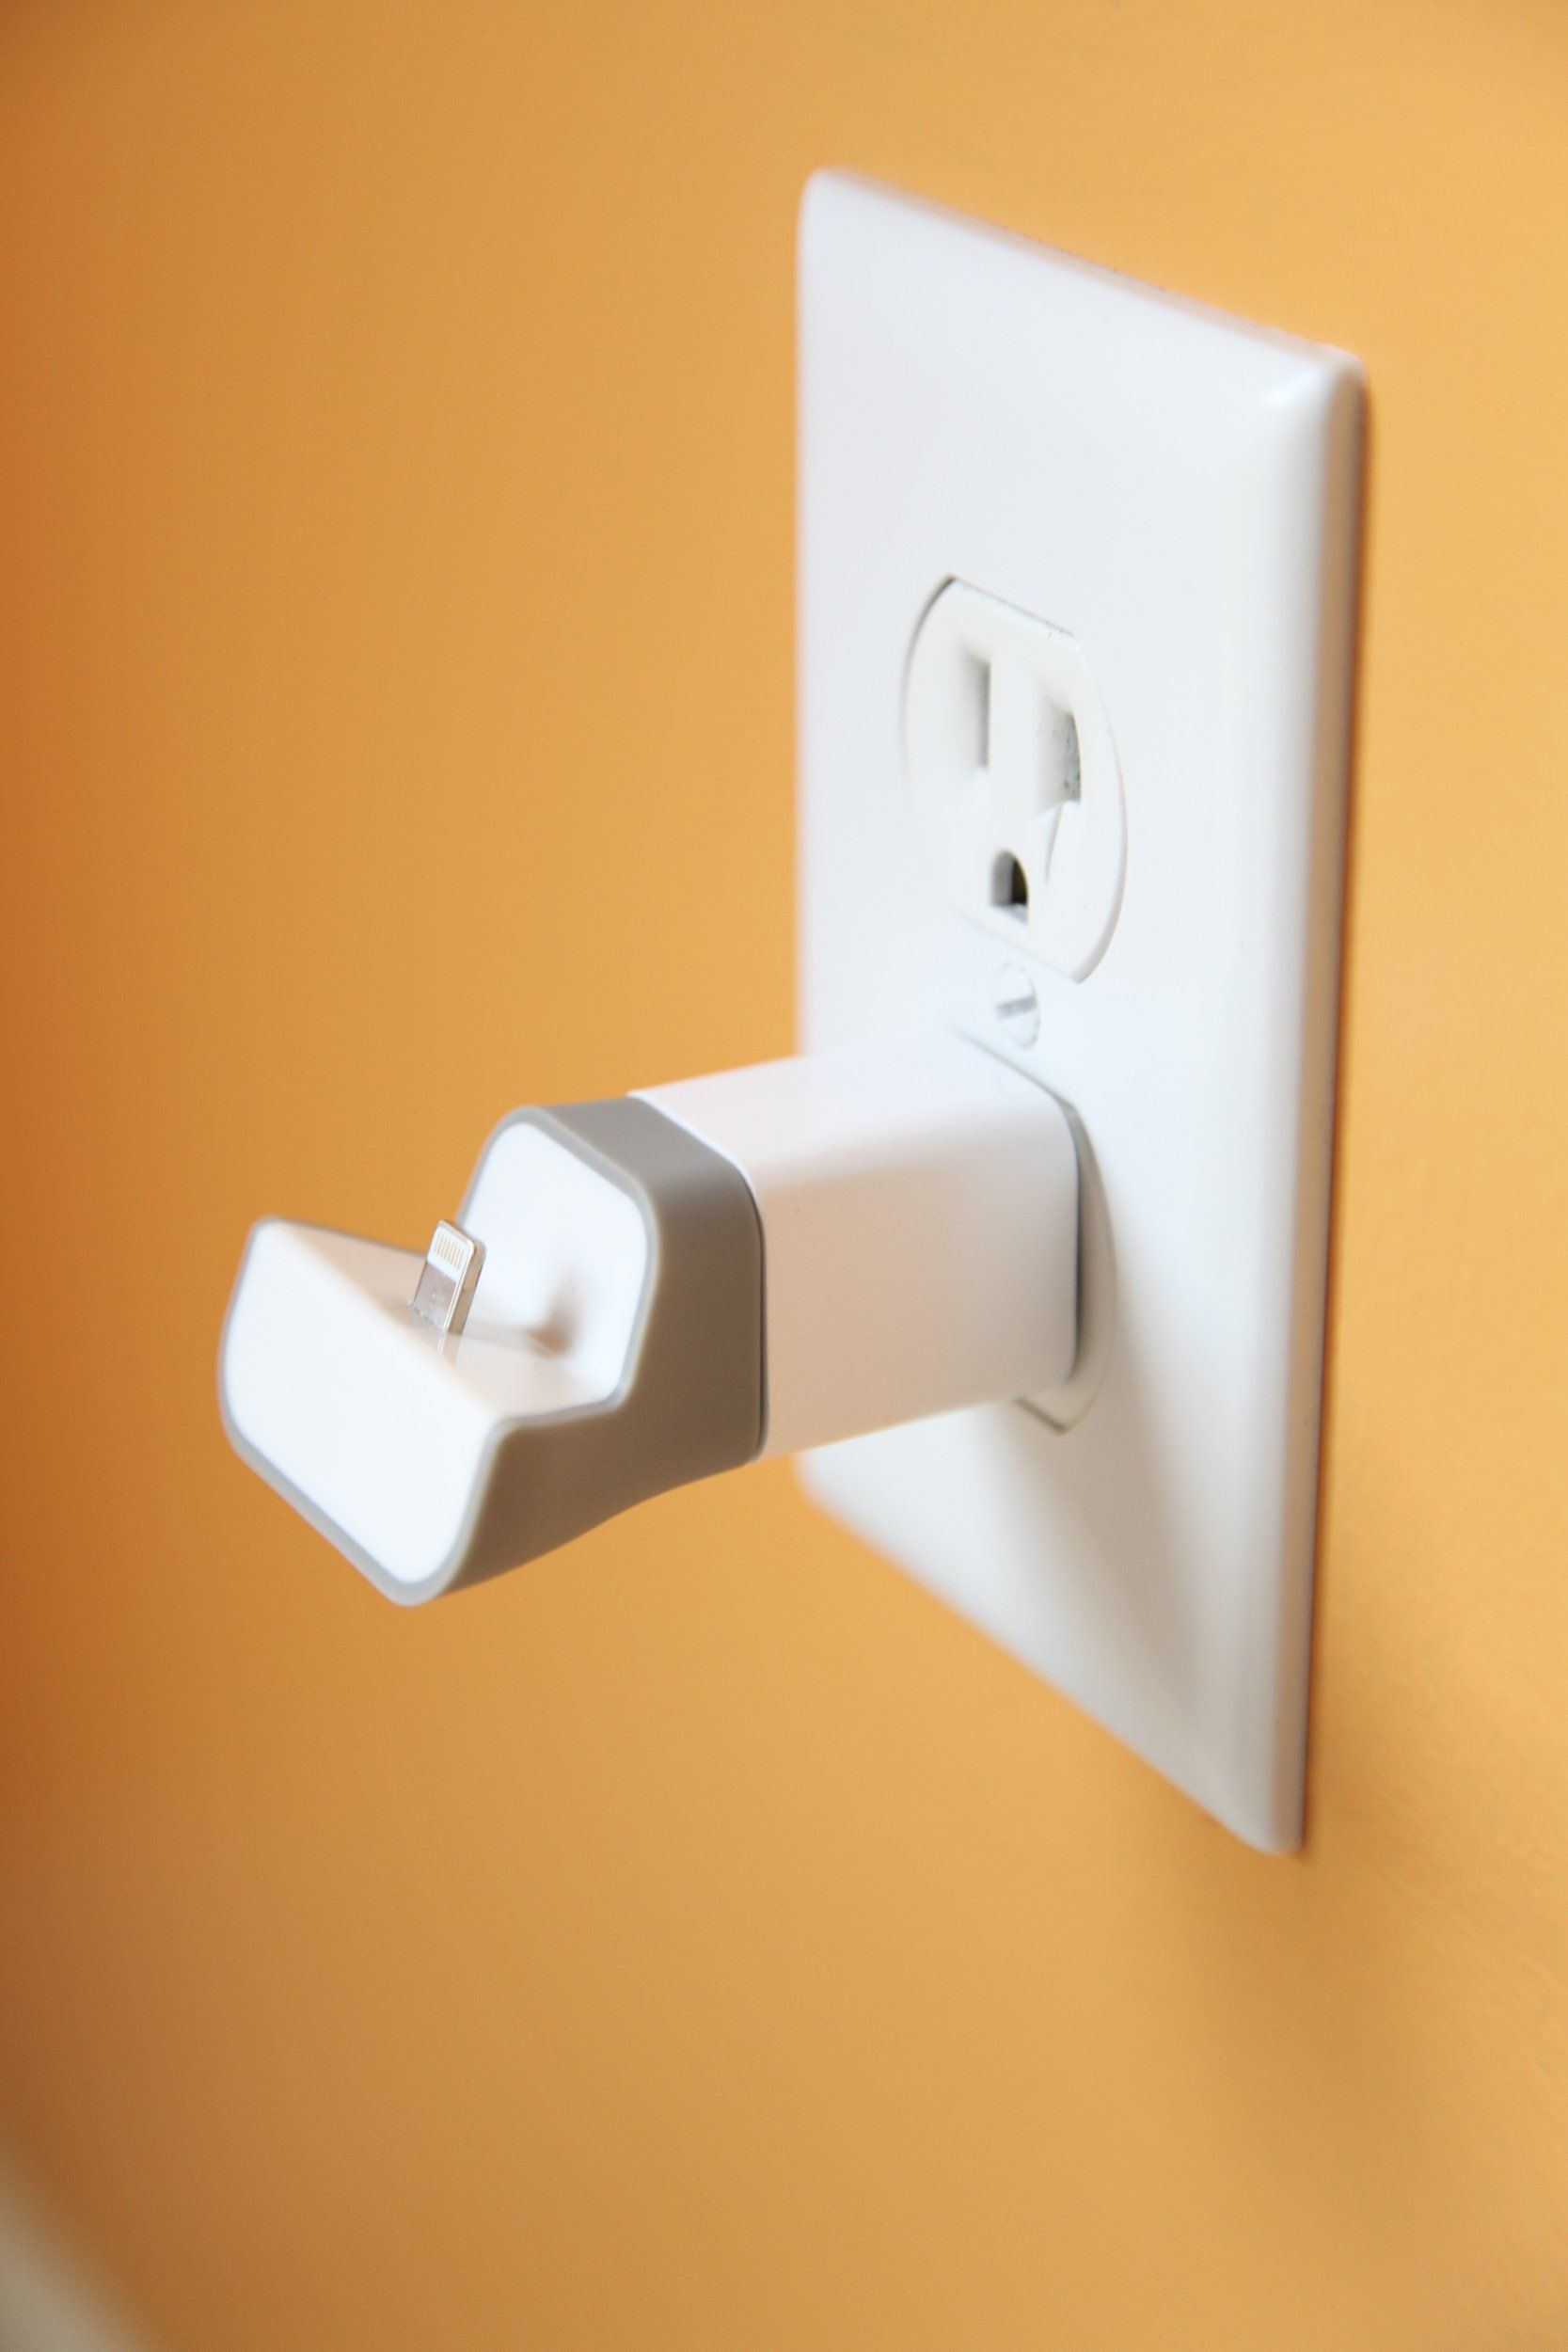 comment acheter comment acheter garantie de haute qualité Amazon.com: Mini Wall Plug-In Charging Dock For iPhone 5 and ...